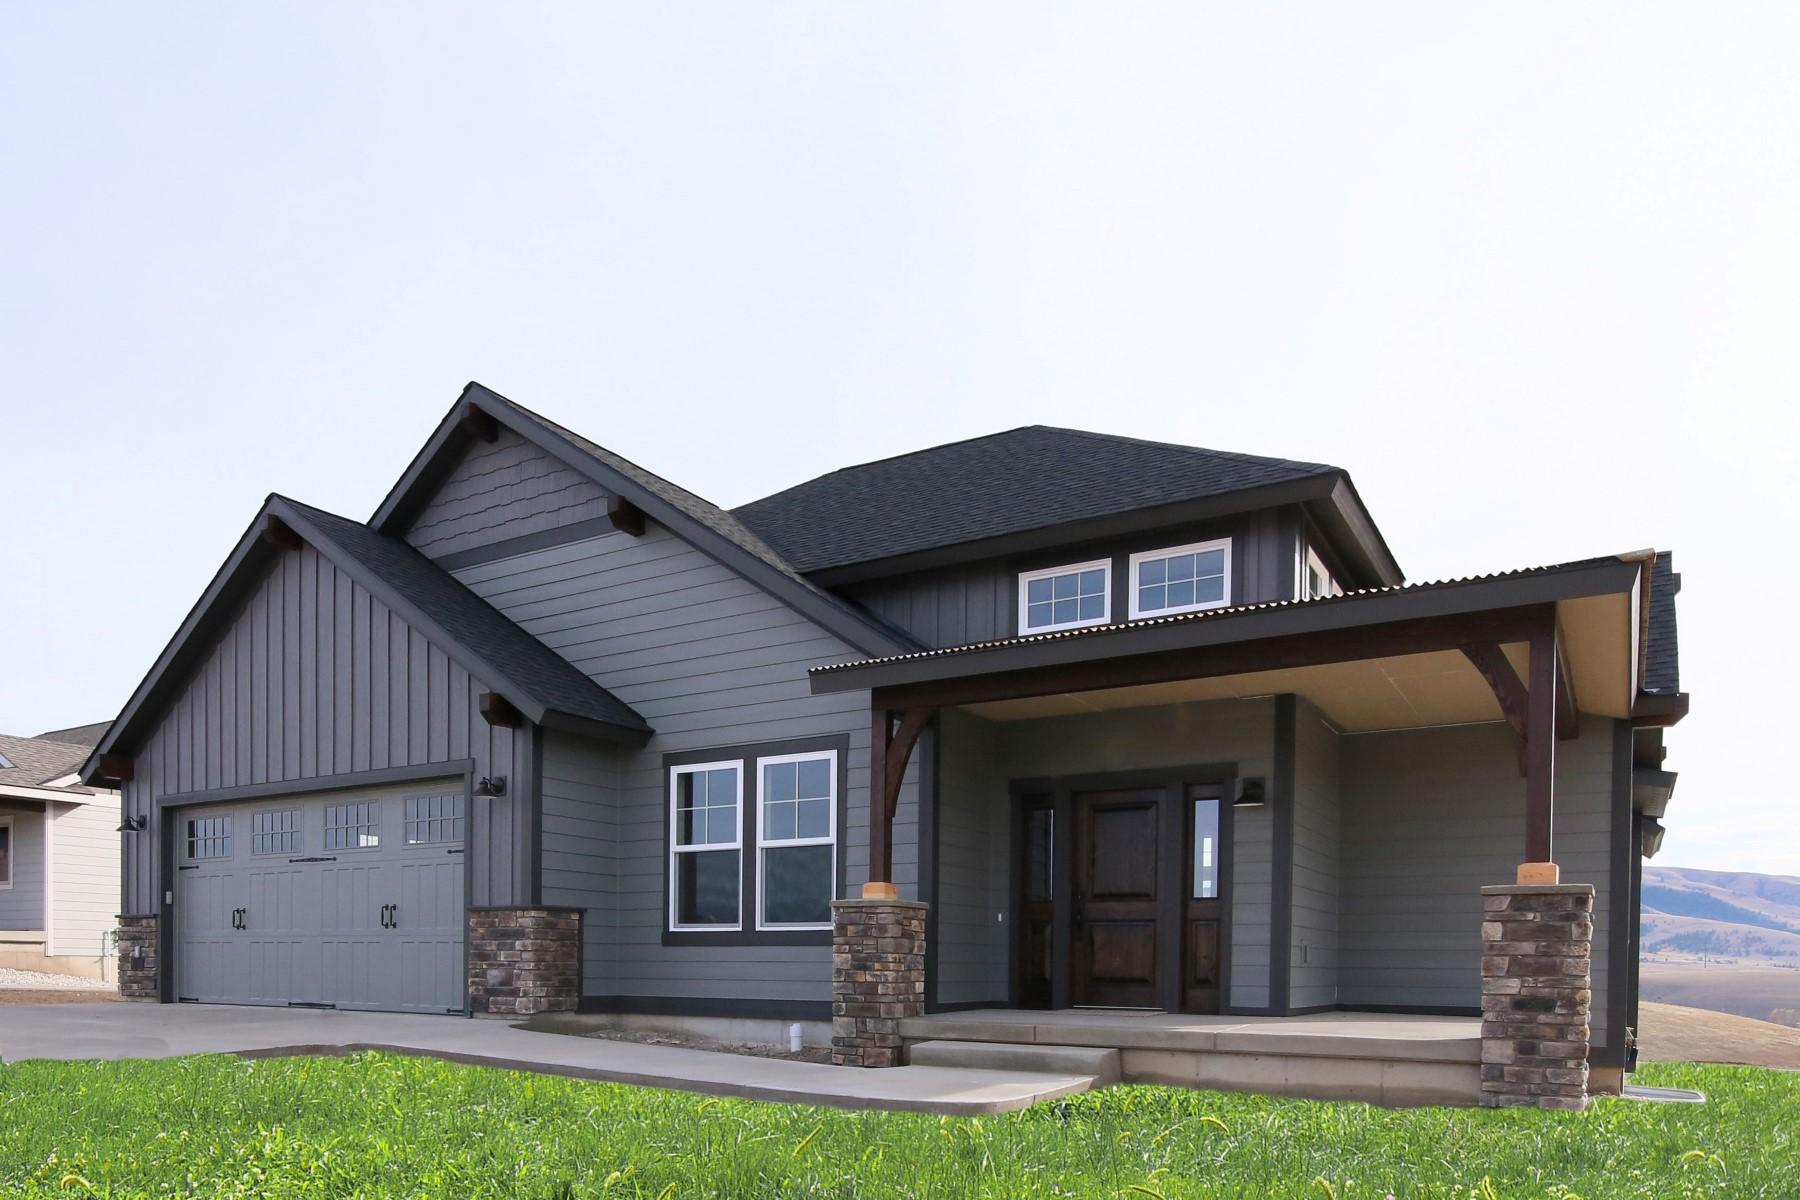 단독 가정 주택 용 매매 에 2726 Bunkhouse Place 2726 Bunkhouse Place Lot 163 Missoula, 몬타나, 59808 미국